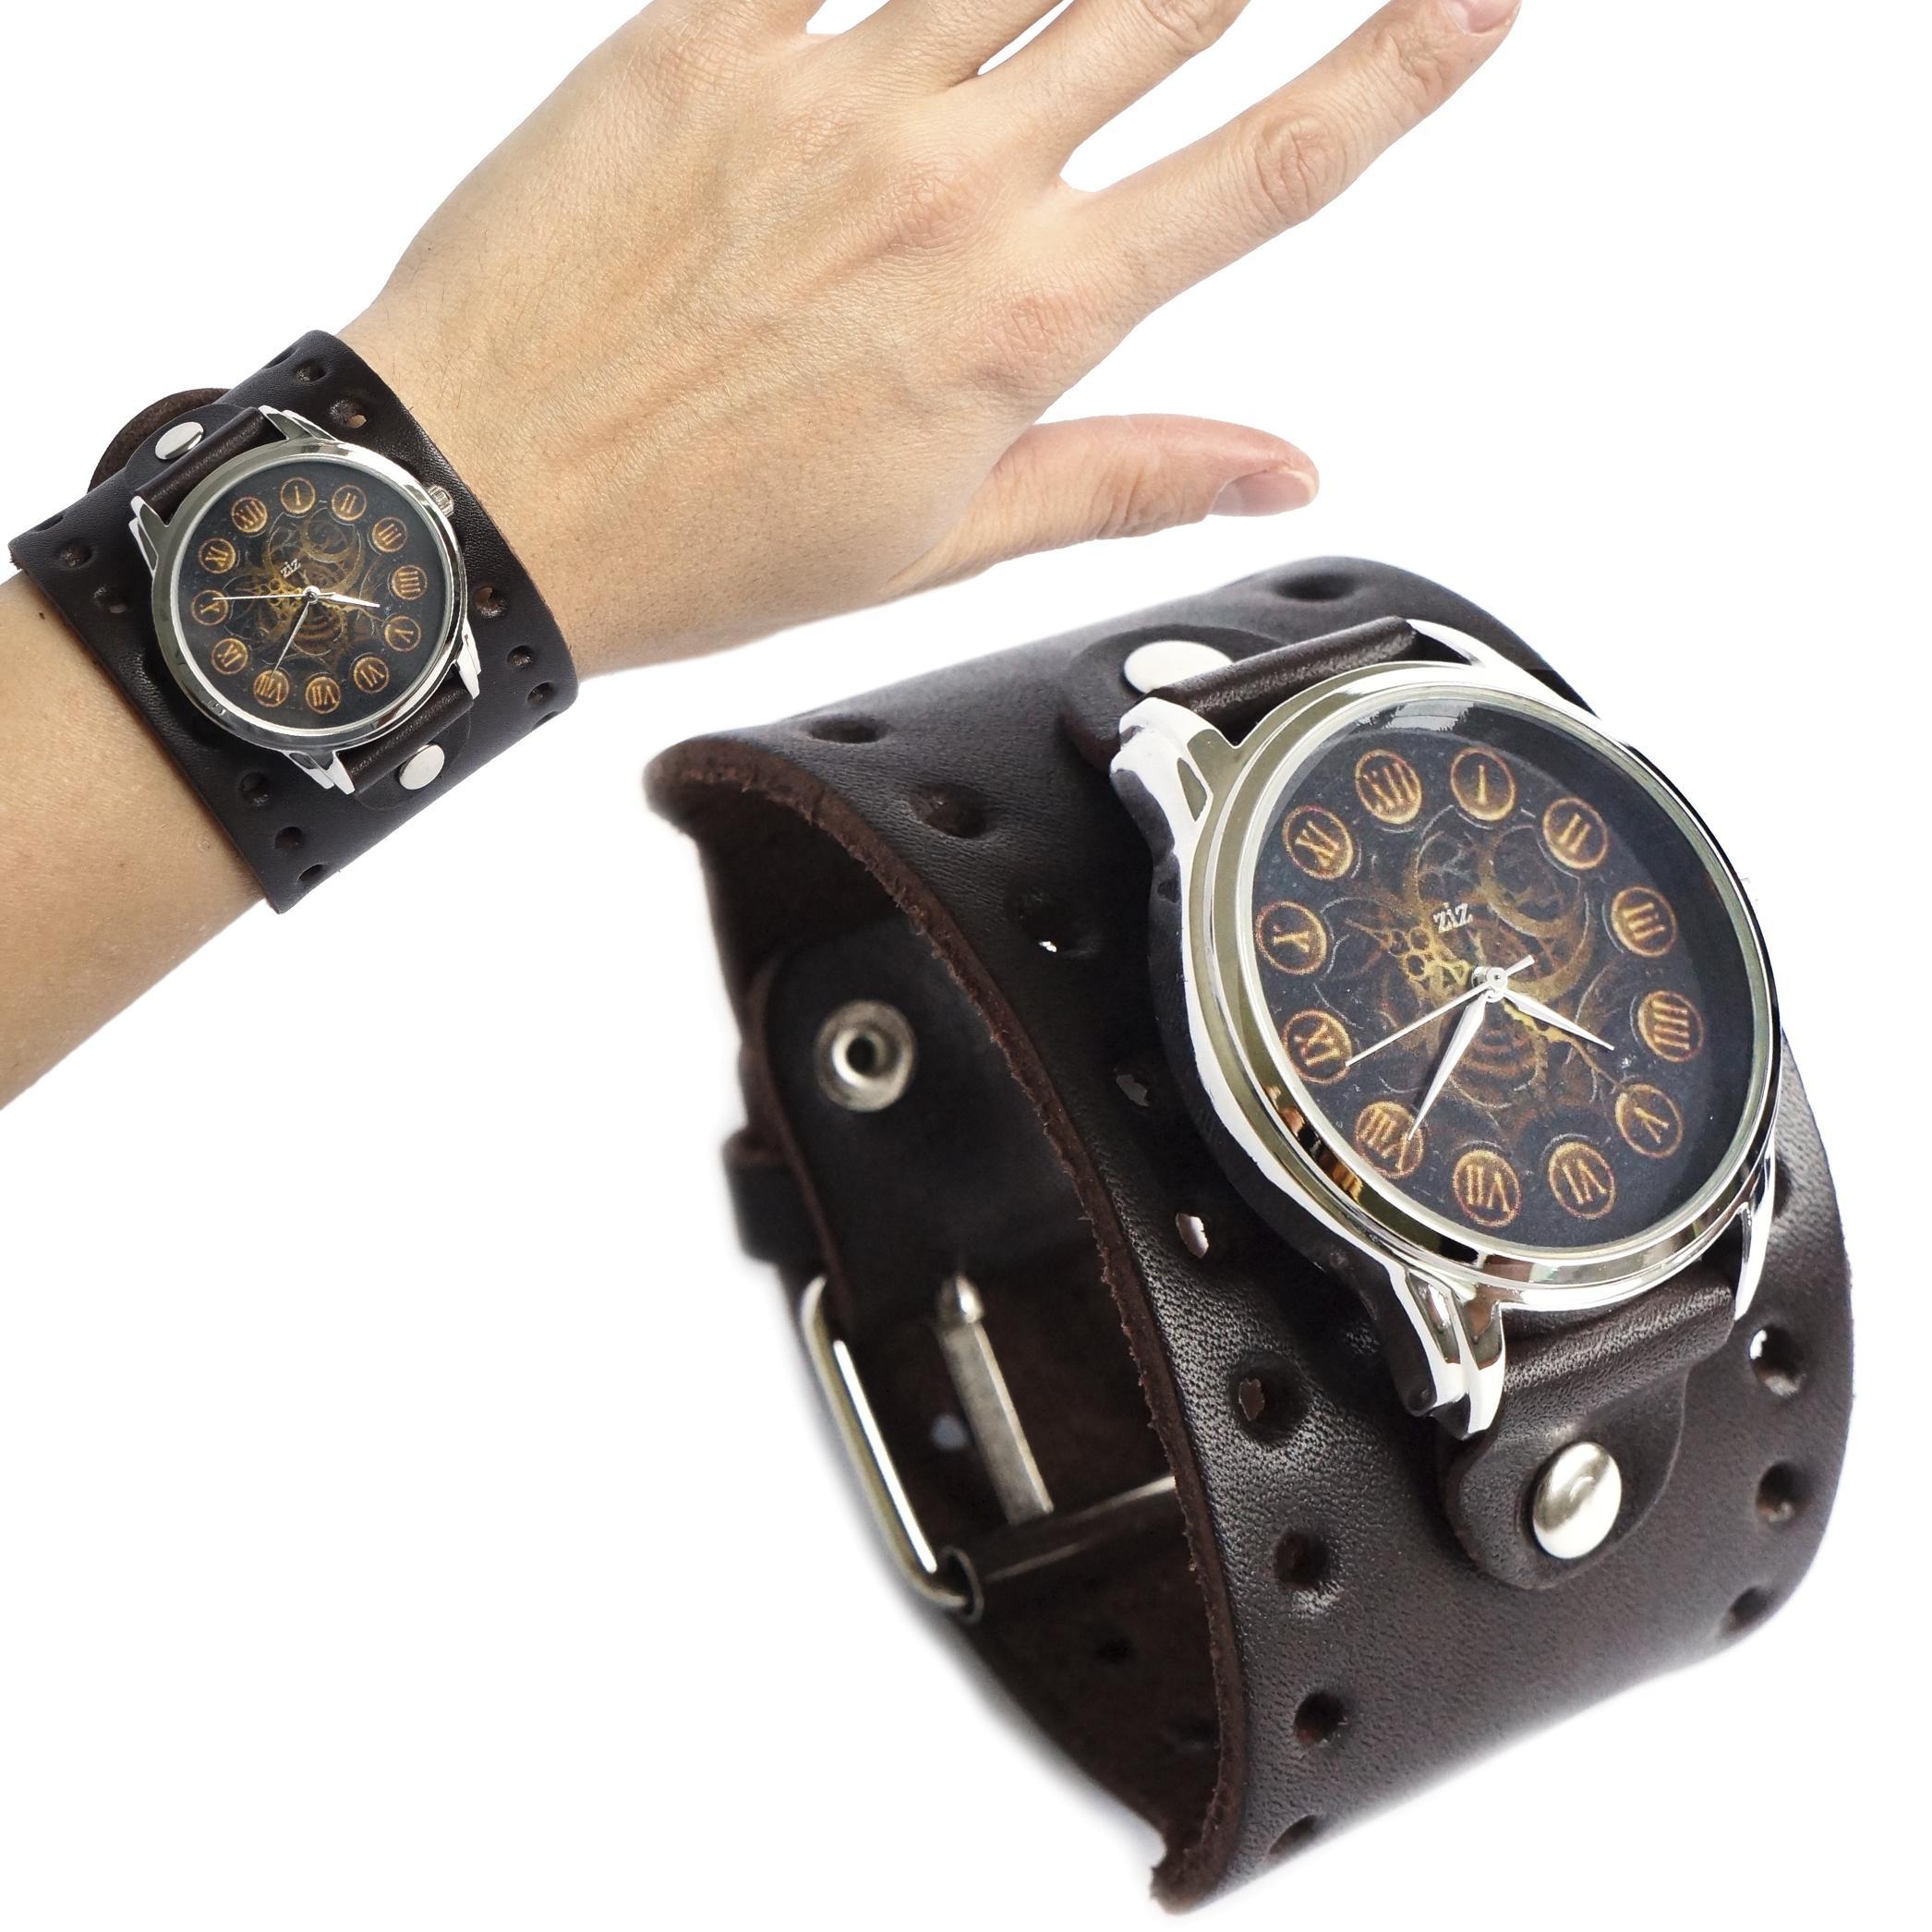 9c477351 Наручные часы ZIZ стимпанк. Цена, купить Наручные часы ZIZ стимпанк ...